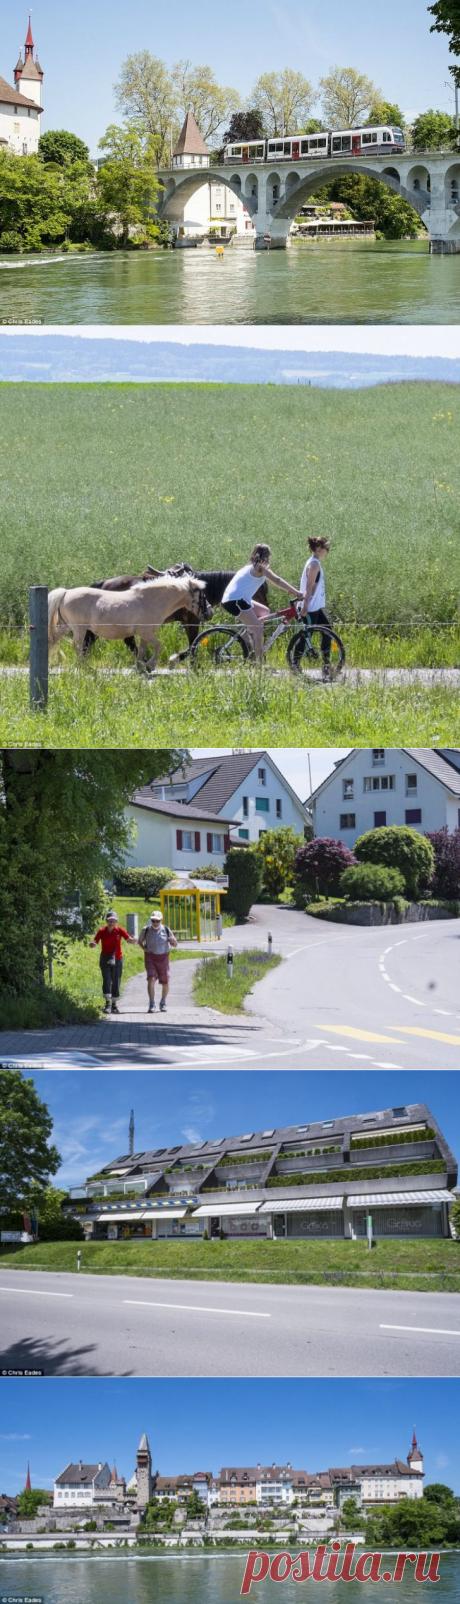 Как швейцарская деревня миллионеров заплатила штраф в $300 тысяч и не пустила к себе беженцев / Всё самое лучшее из интернета